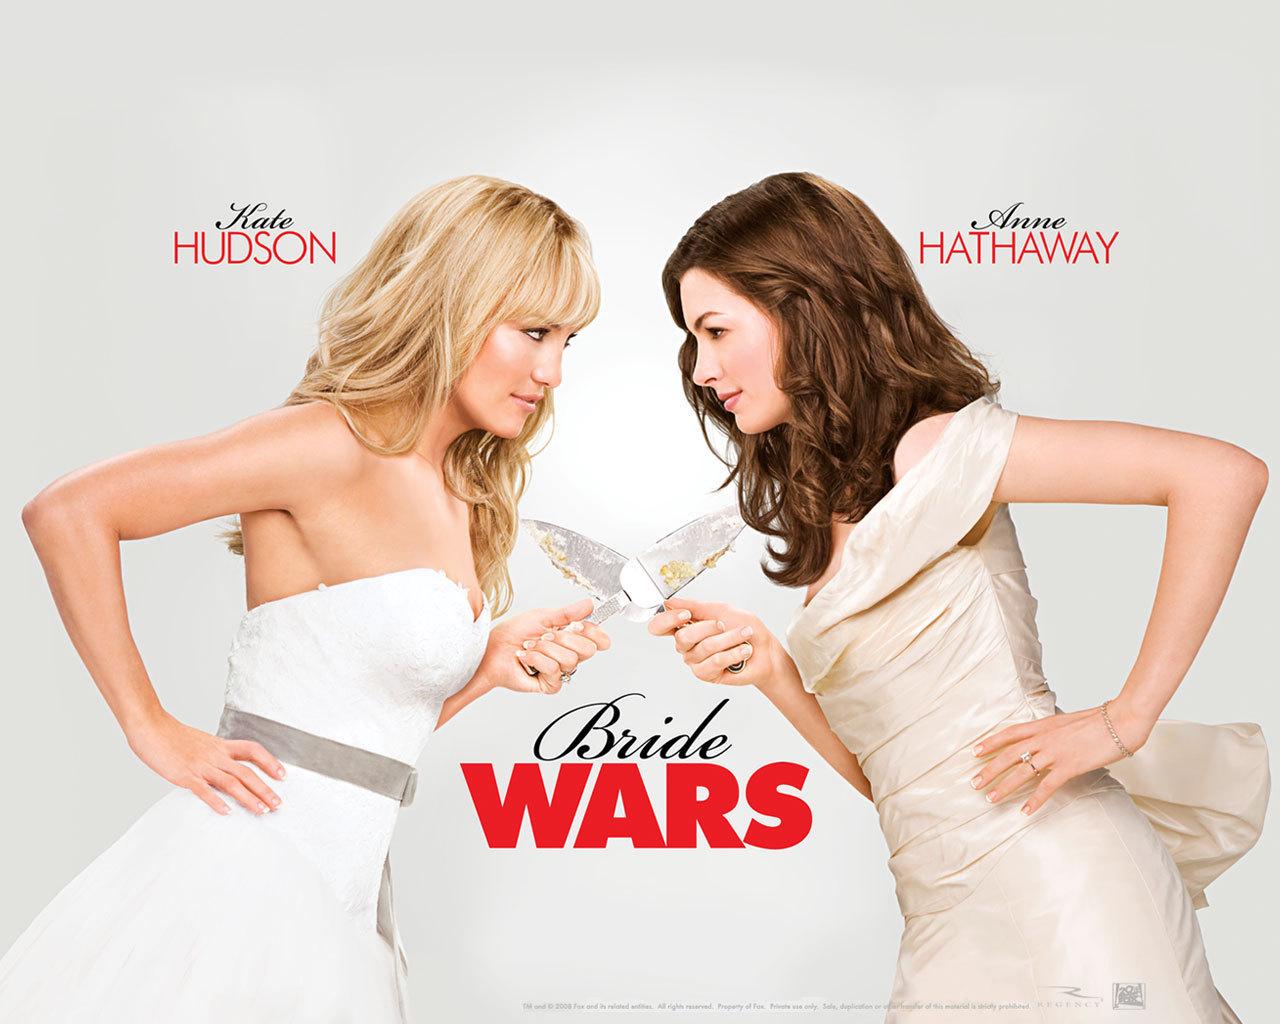 bride wars - bride-wars wallpaper